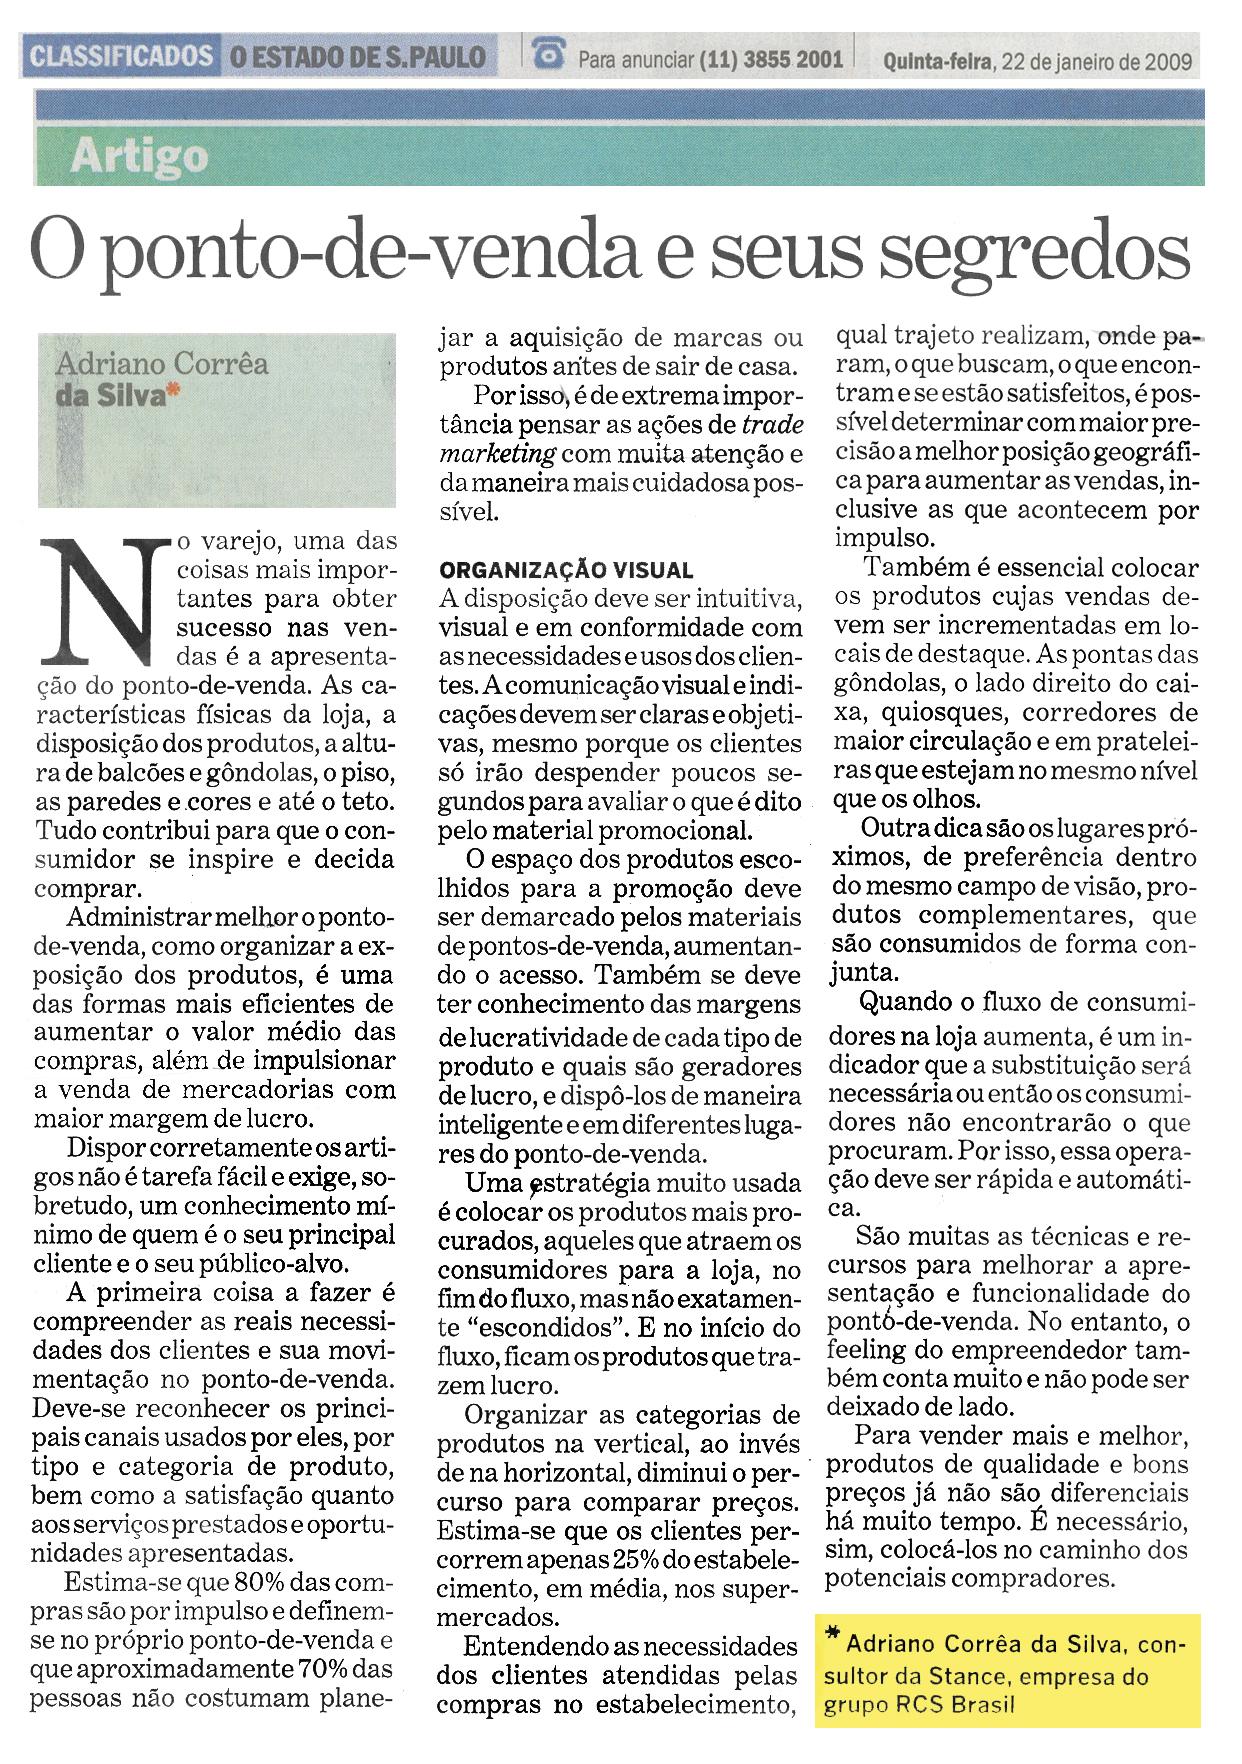 22/01/2009 - Estado de São Paulo - Autor: Adriano Côrrea da Silva, consultor da STANCE